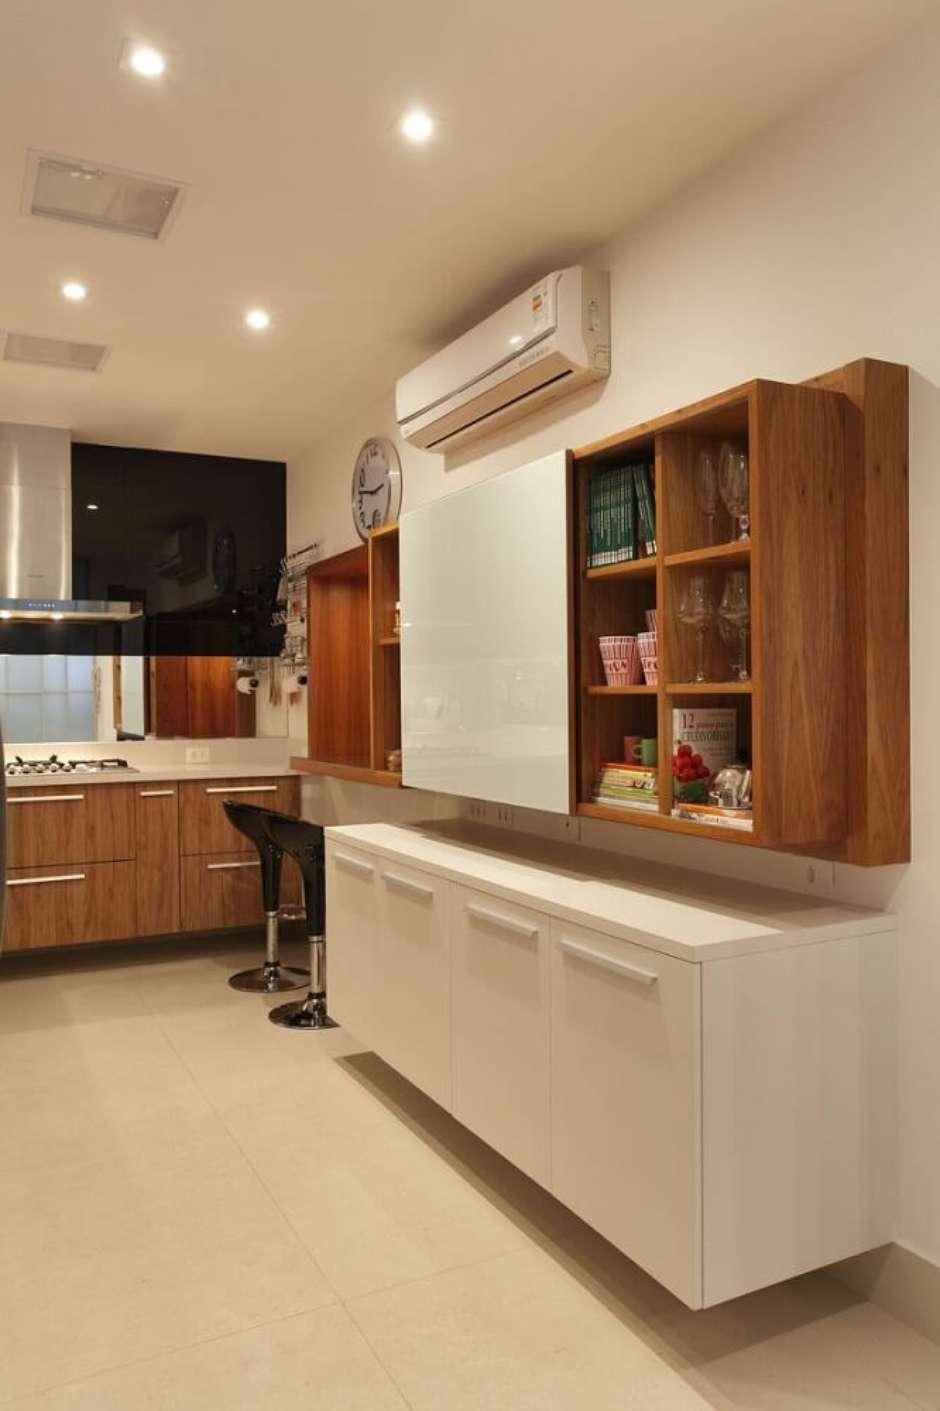 50 Modelos De Cozinha Simples Para Se Inspirar E Decorar